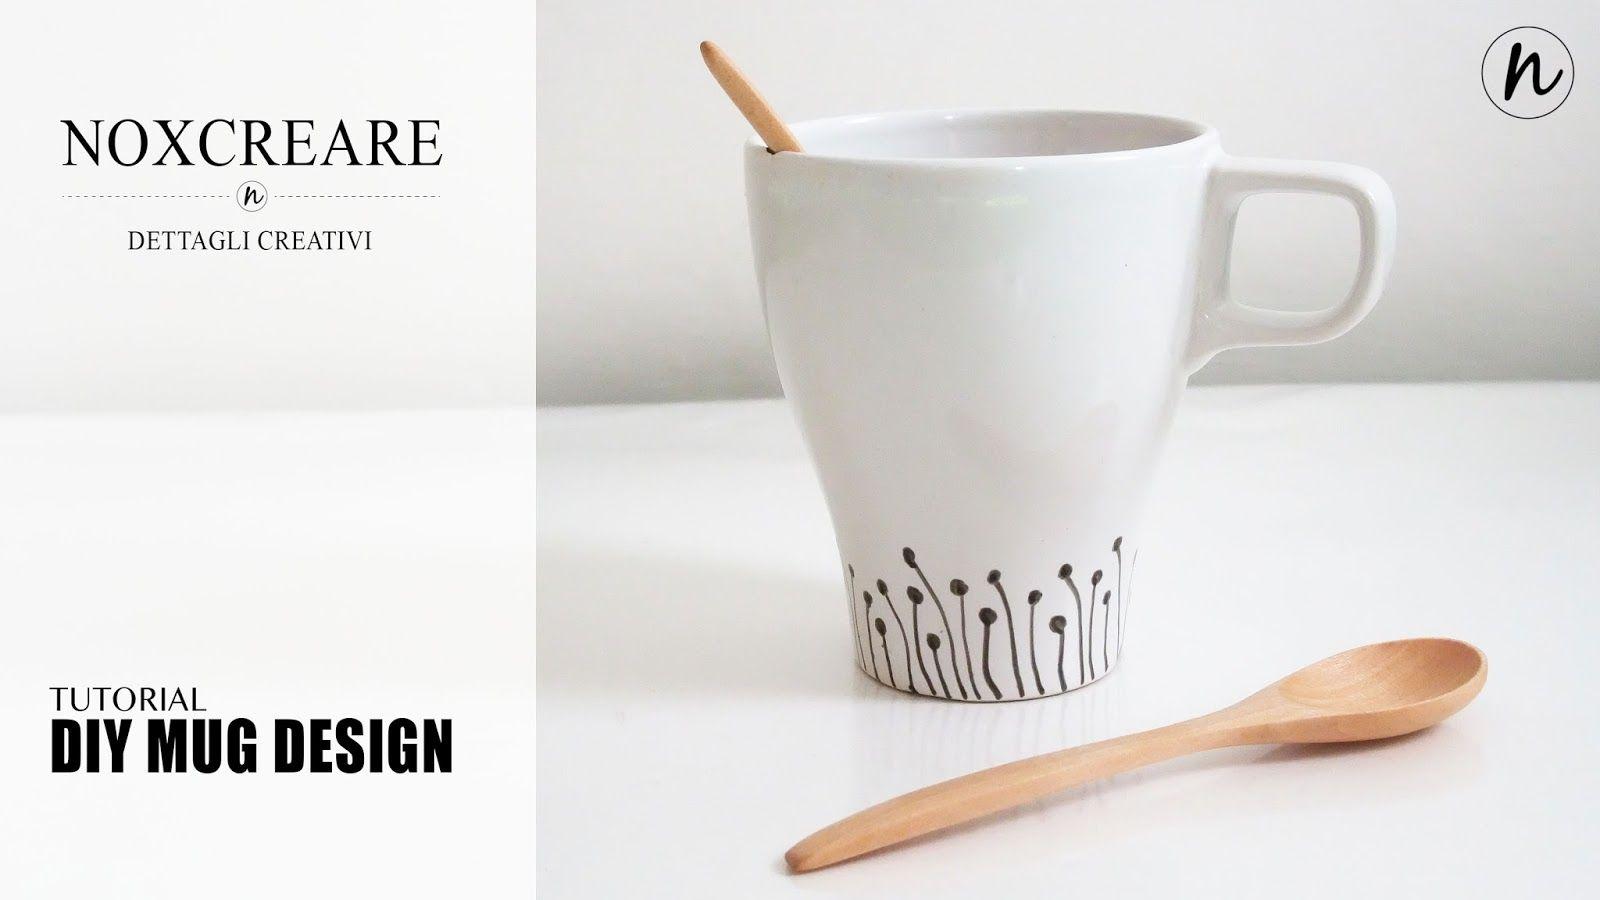 DIY- NoxCreare: Tutorial: Diy Mug Design